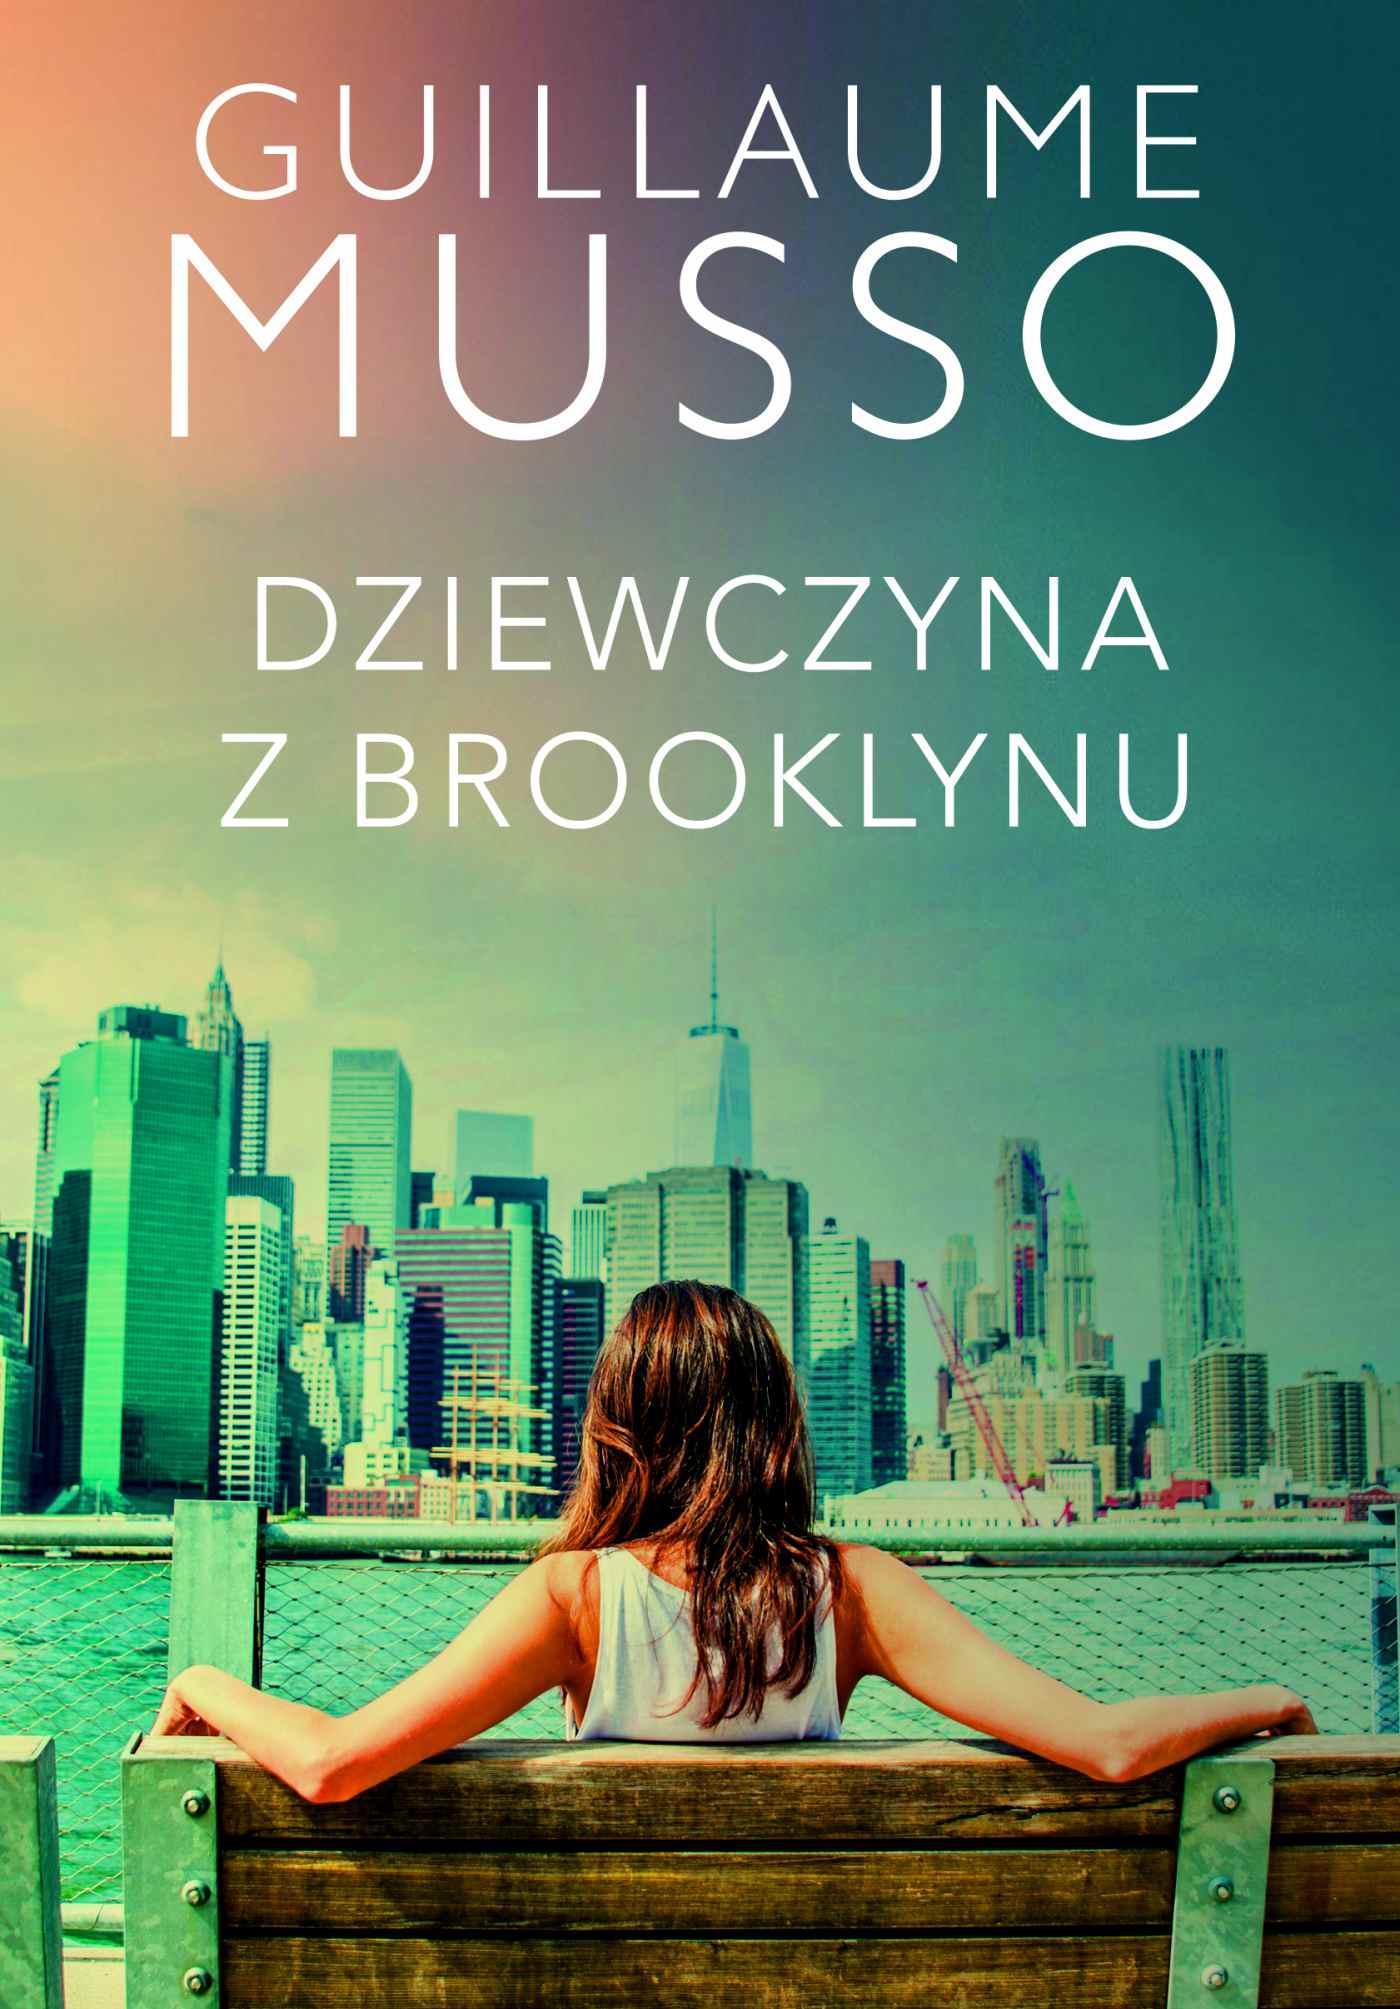 Dziewczyna z Brooklynu - Ebook (Książka na Kindle) do pobrania w formacie MOBI